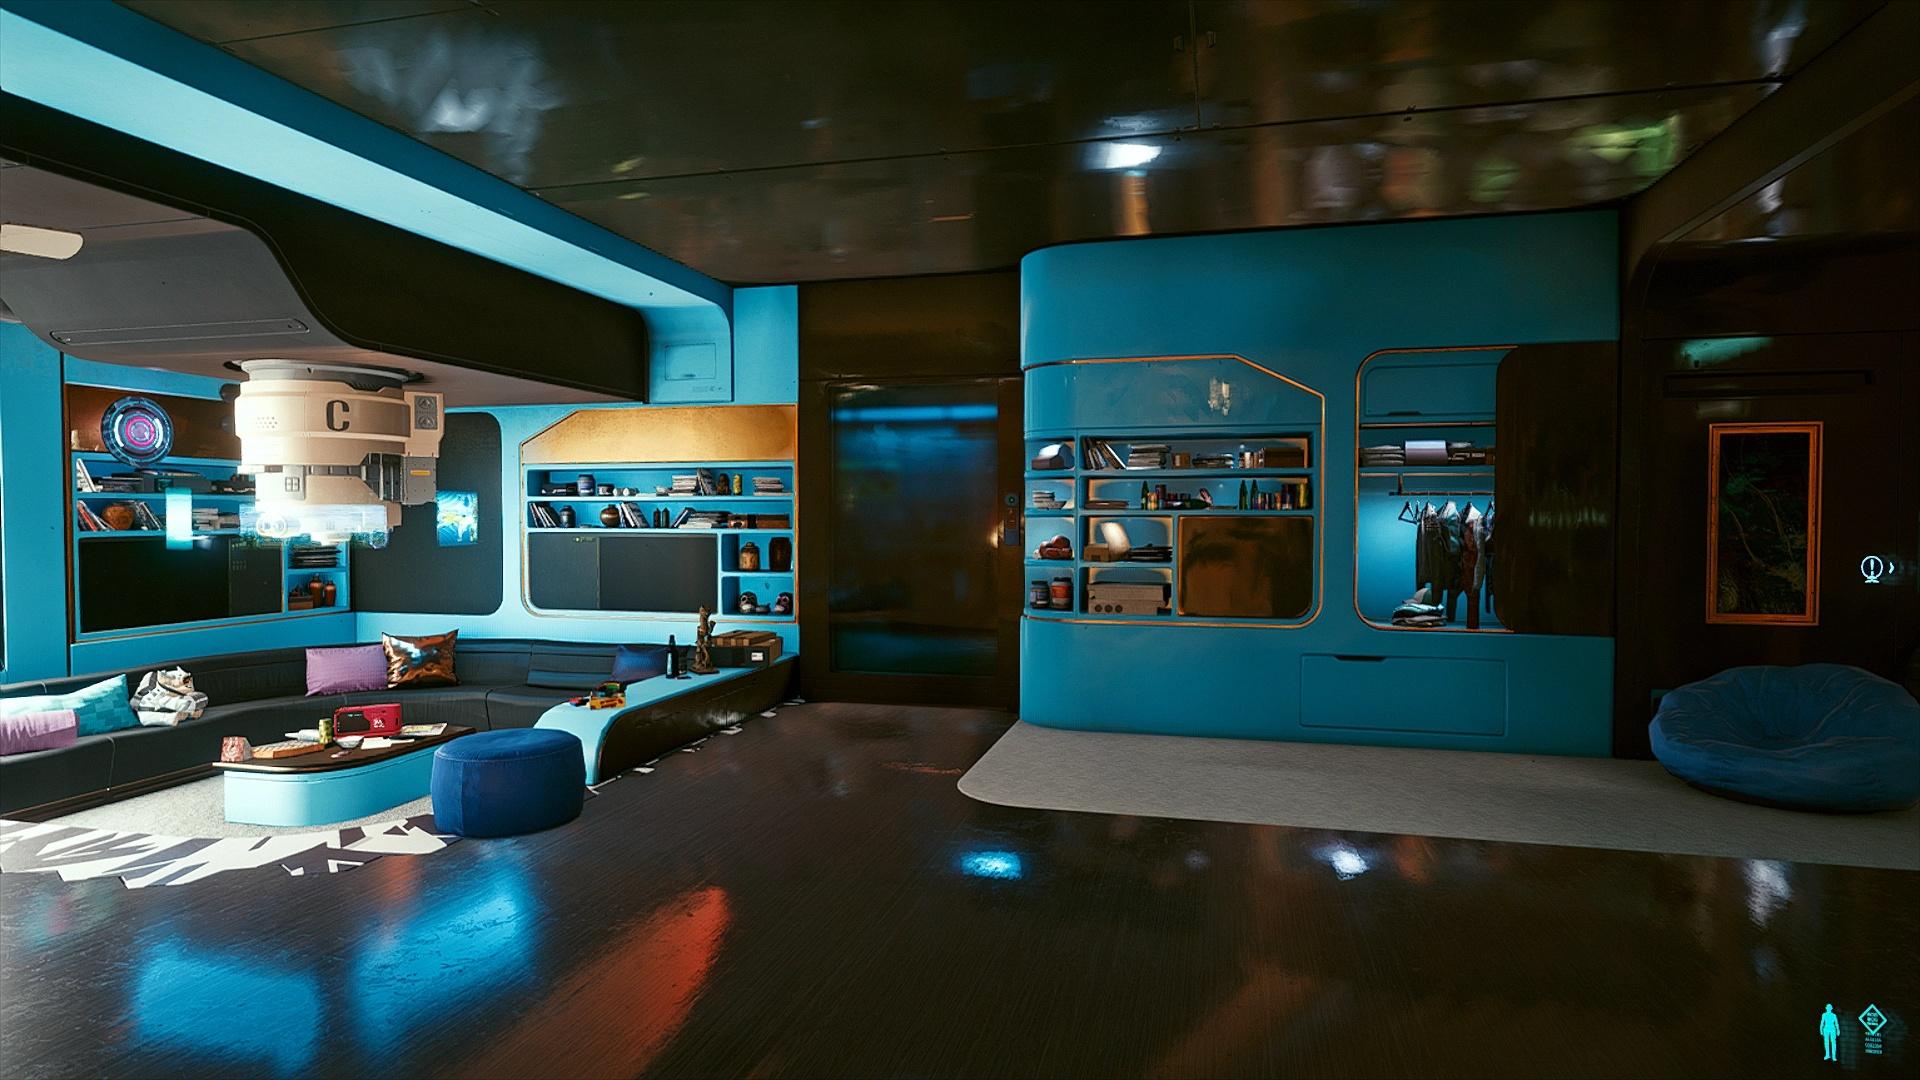 Этот мод для Cyberpunk 2077 позволяет кастомизировать квартиру Ви